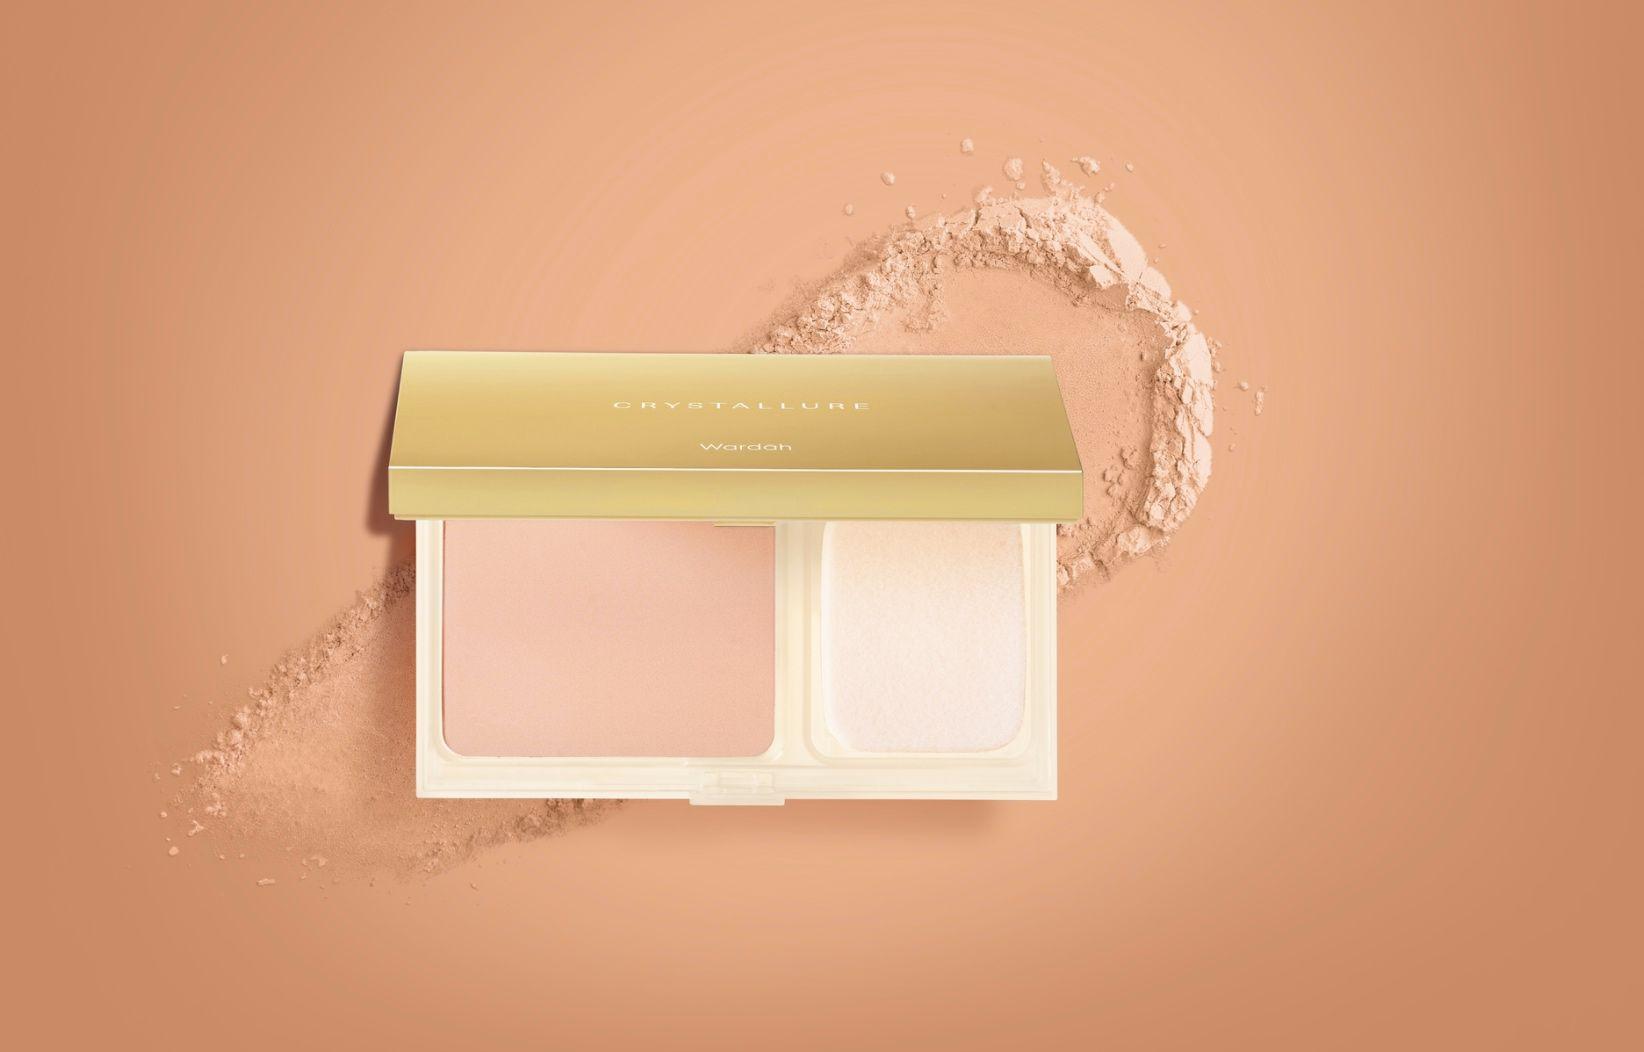 Crystallure Precious, Rangkaian Makeup Halal dengan Kandungan Emas